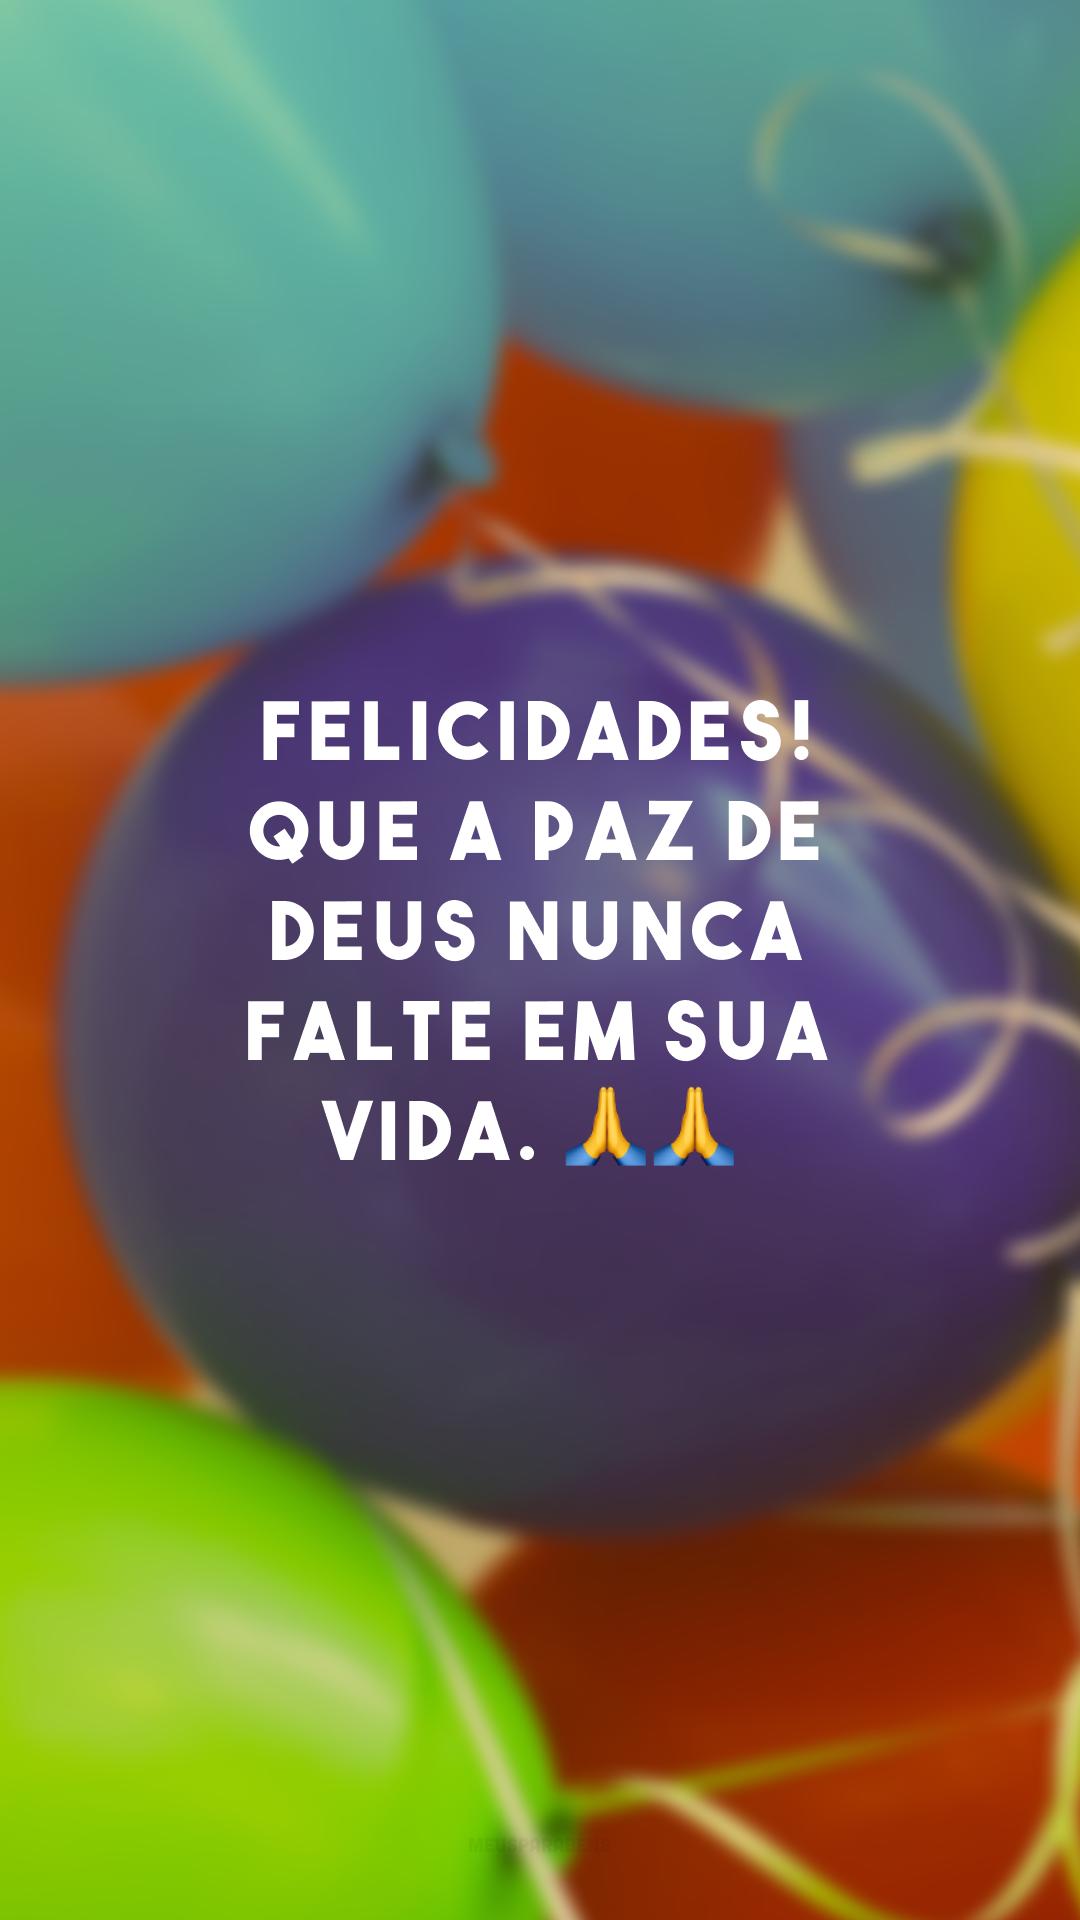 Felicidades! Que a paz de Deus nunca falte em sua vida. 🙏🙏<br />